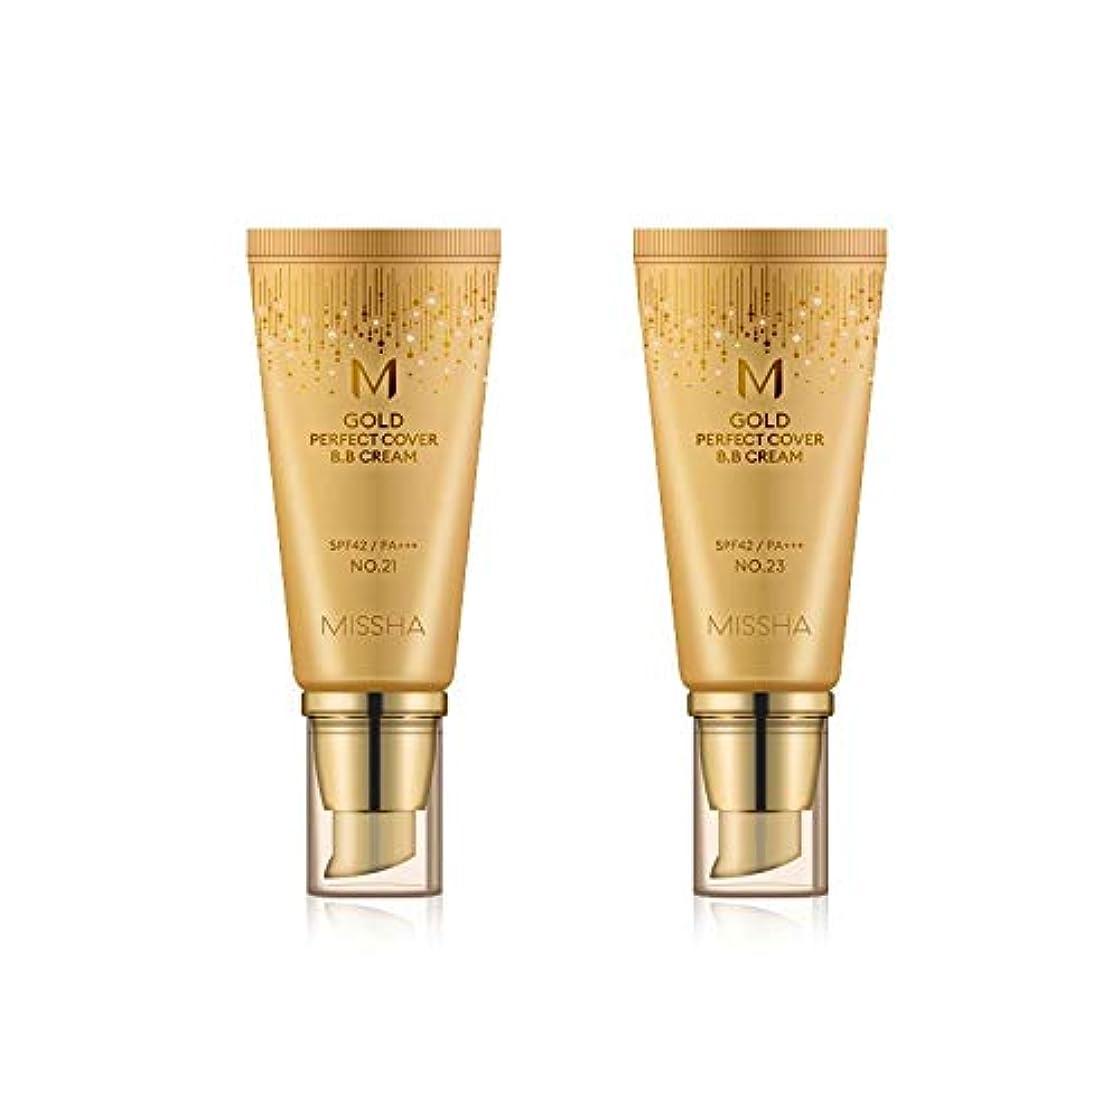 より平らな対象シェードMISSHA Gold Perfecte Cover BB Cream SPF42 PA+++ / ミシャ ゴールド パーフェクト カバー BBクリーム 50ml *NO.23 [並行輸入品]